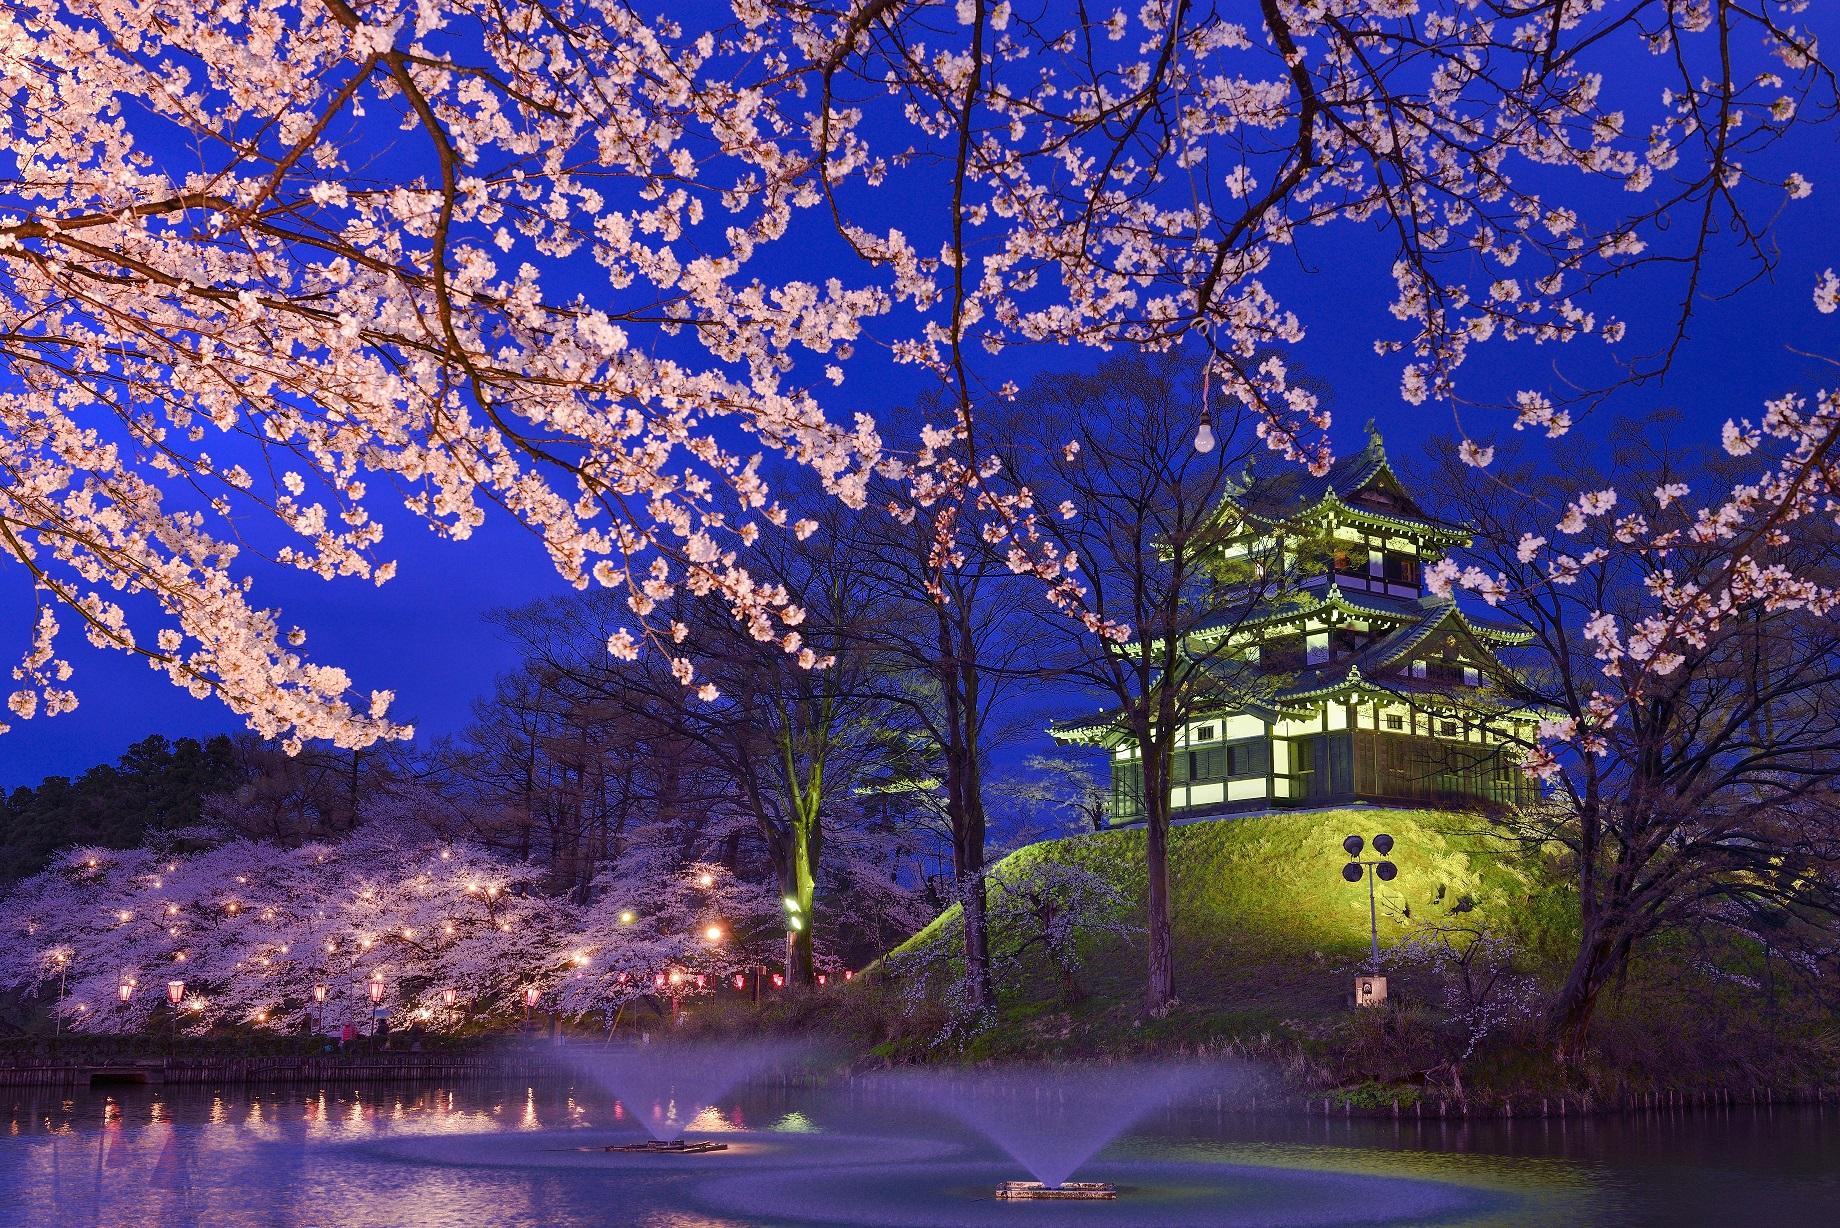 中部 | 公益財団法人 日本さくらの会